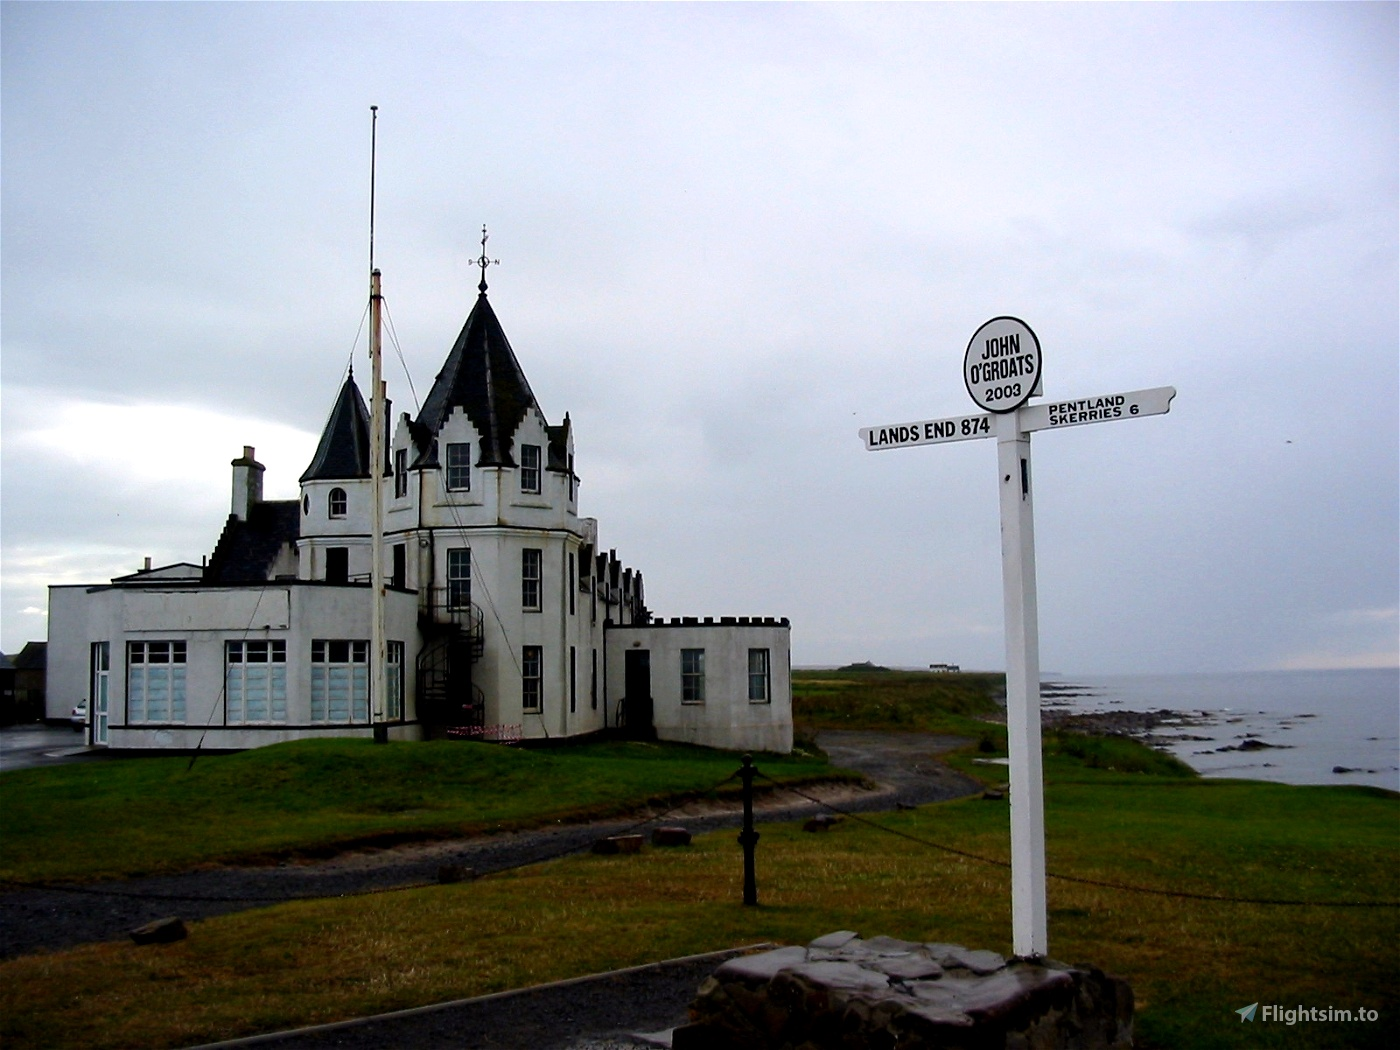 John O'Groats to Land's End (East Coast)